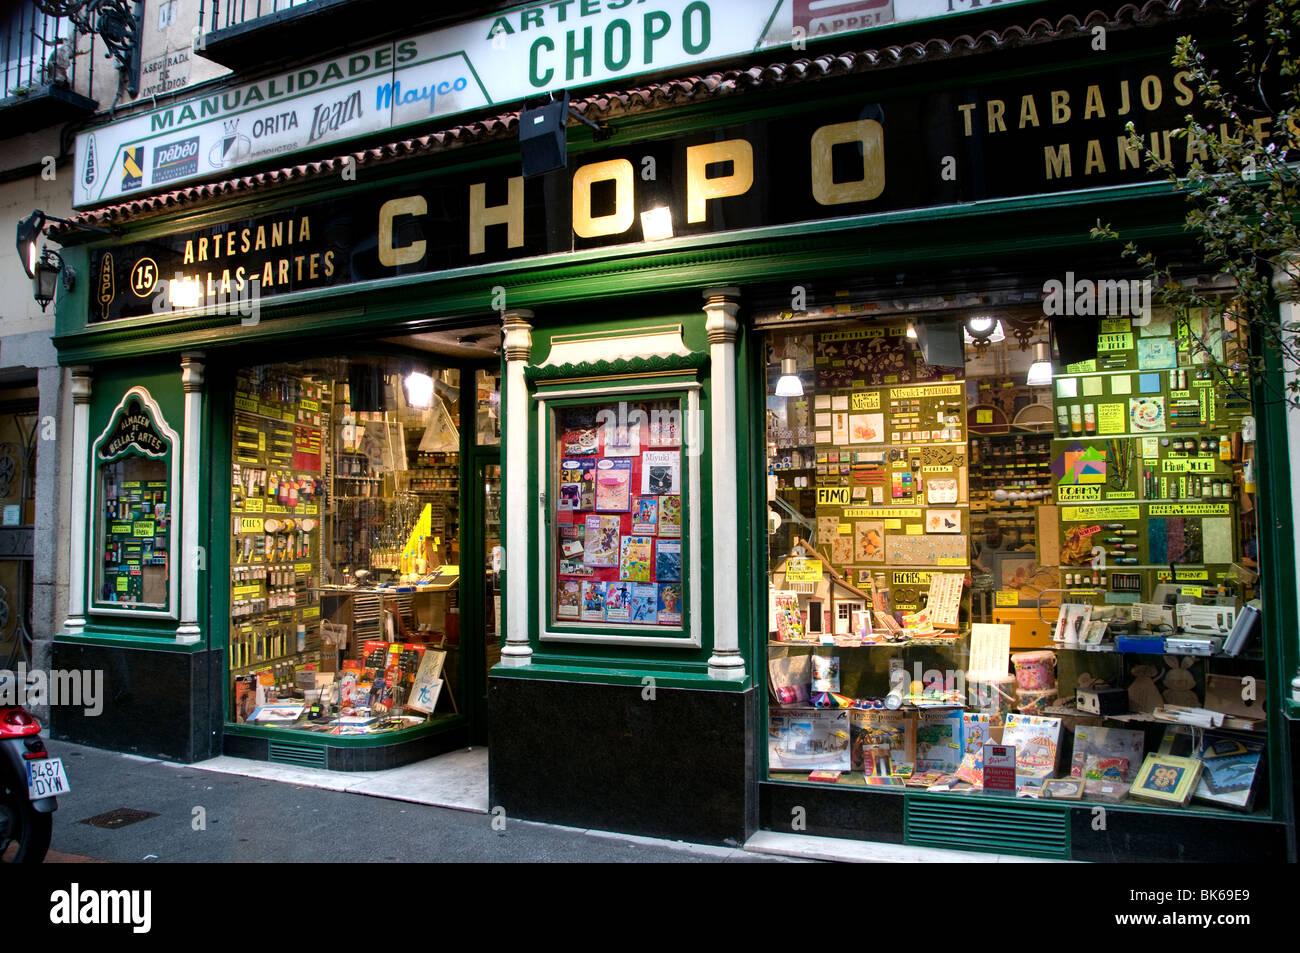 Chopo Vecchia Madrid Spagna spagnolo di arti industriali artigianato pittura Paint shop pittore Immagini Stock